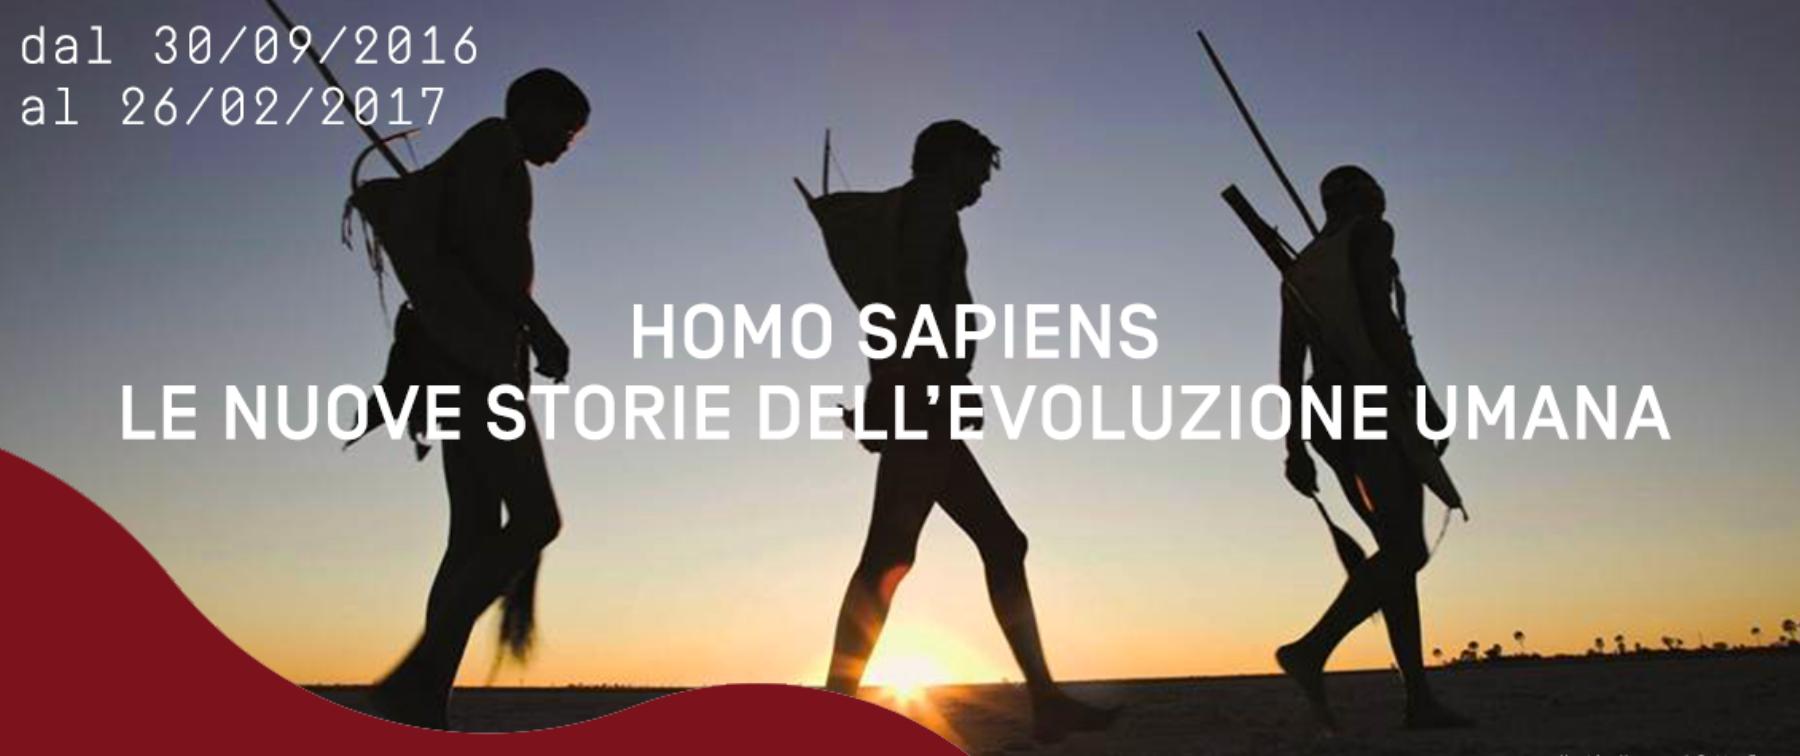 mudec homo sapiens